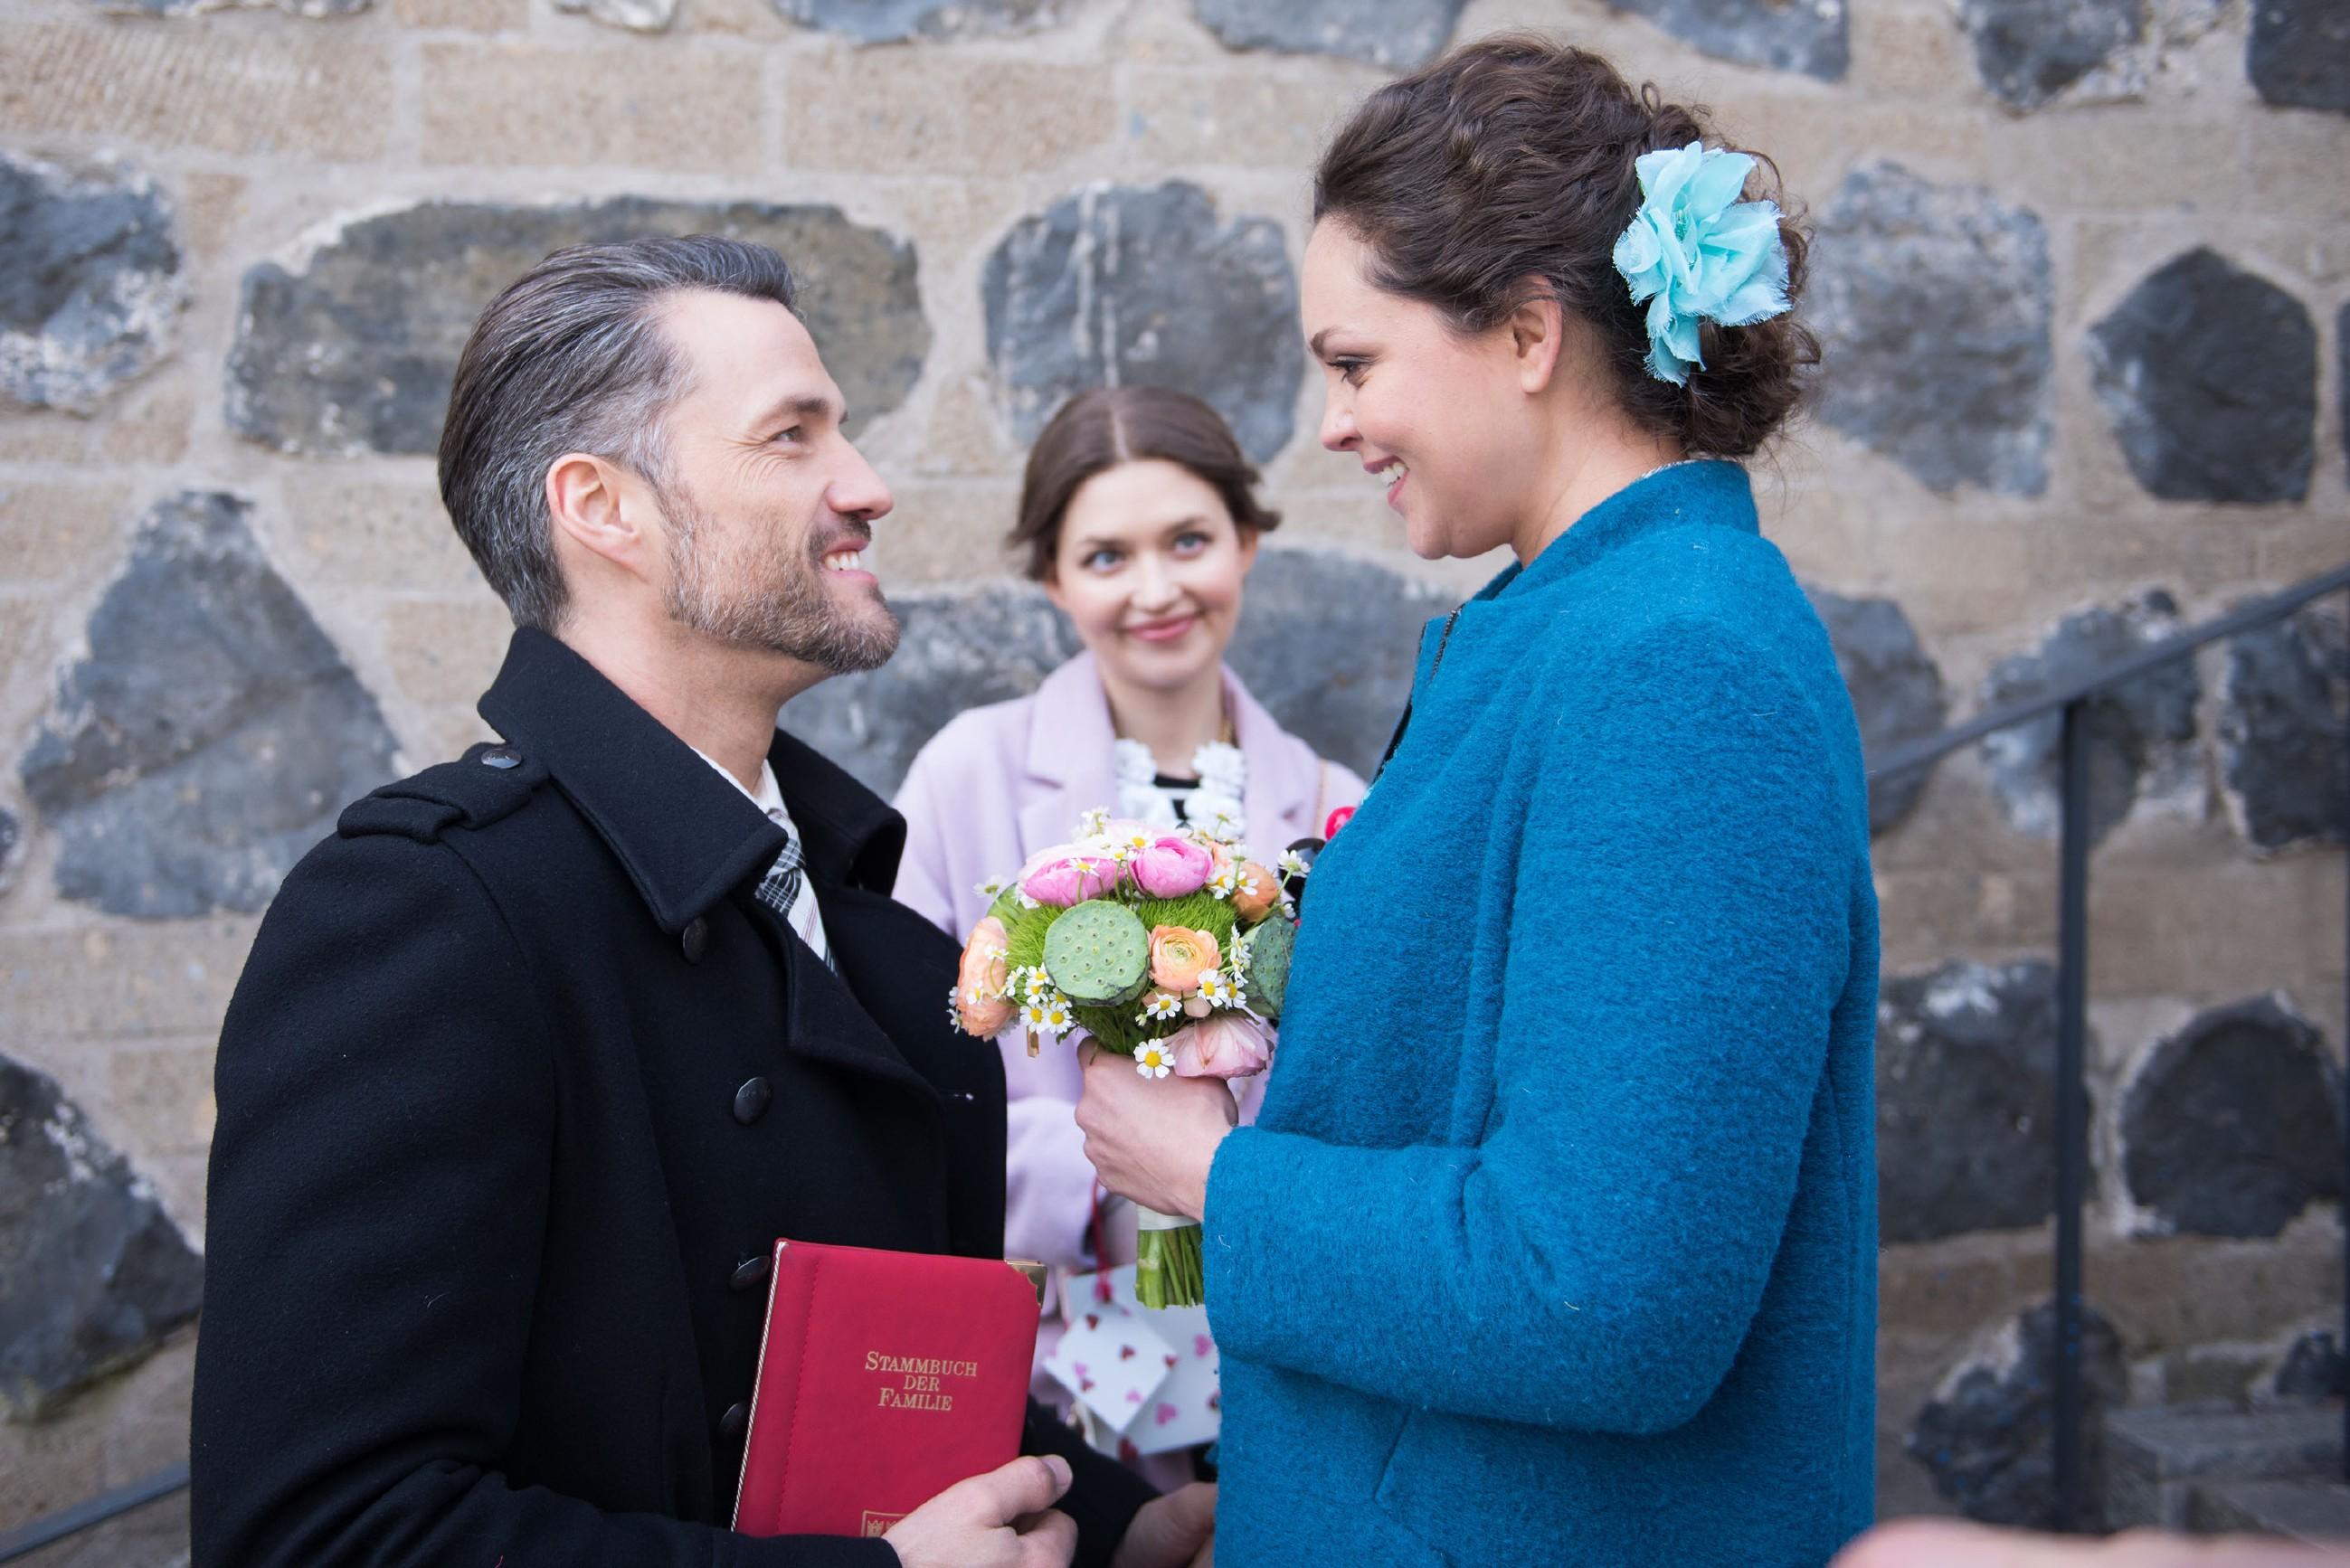 Trotz einer unspektakulären Trauung im ganz kleinen Kreis sind Caro (Ines Kurenbach, r.) und Malte (Stefan Bockelmann) glücklich, endlich verheiratet zu sein - und Jule (Amrei Haardt) freut sich mit ihnen. (Quelle: RTL / Stefan Behrens)